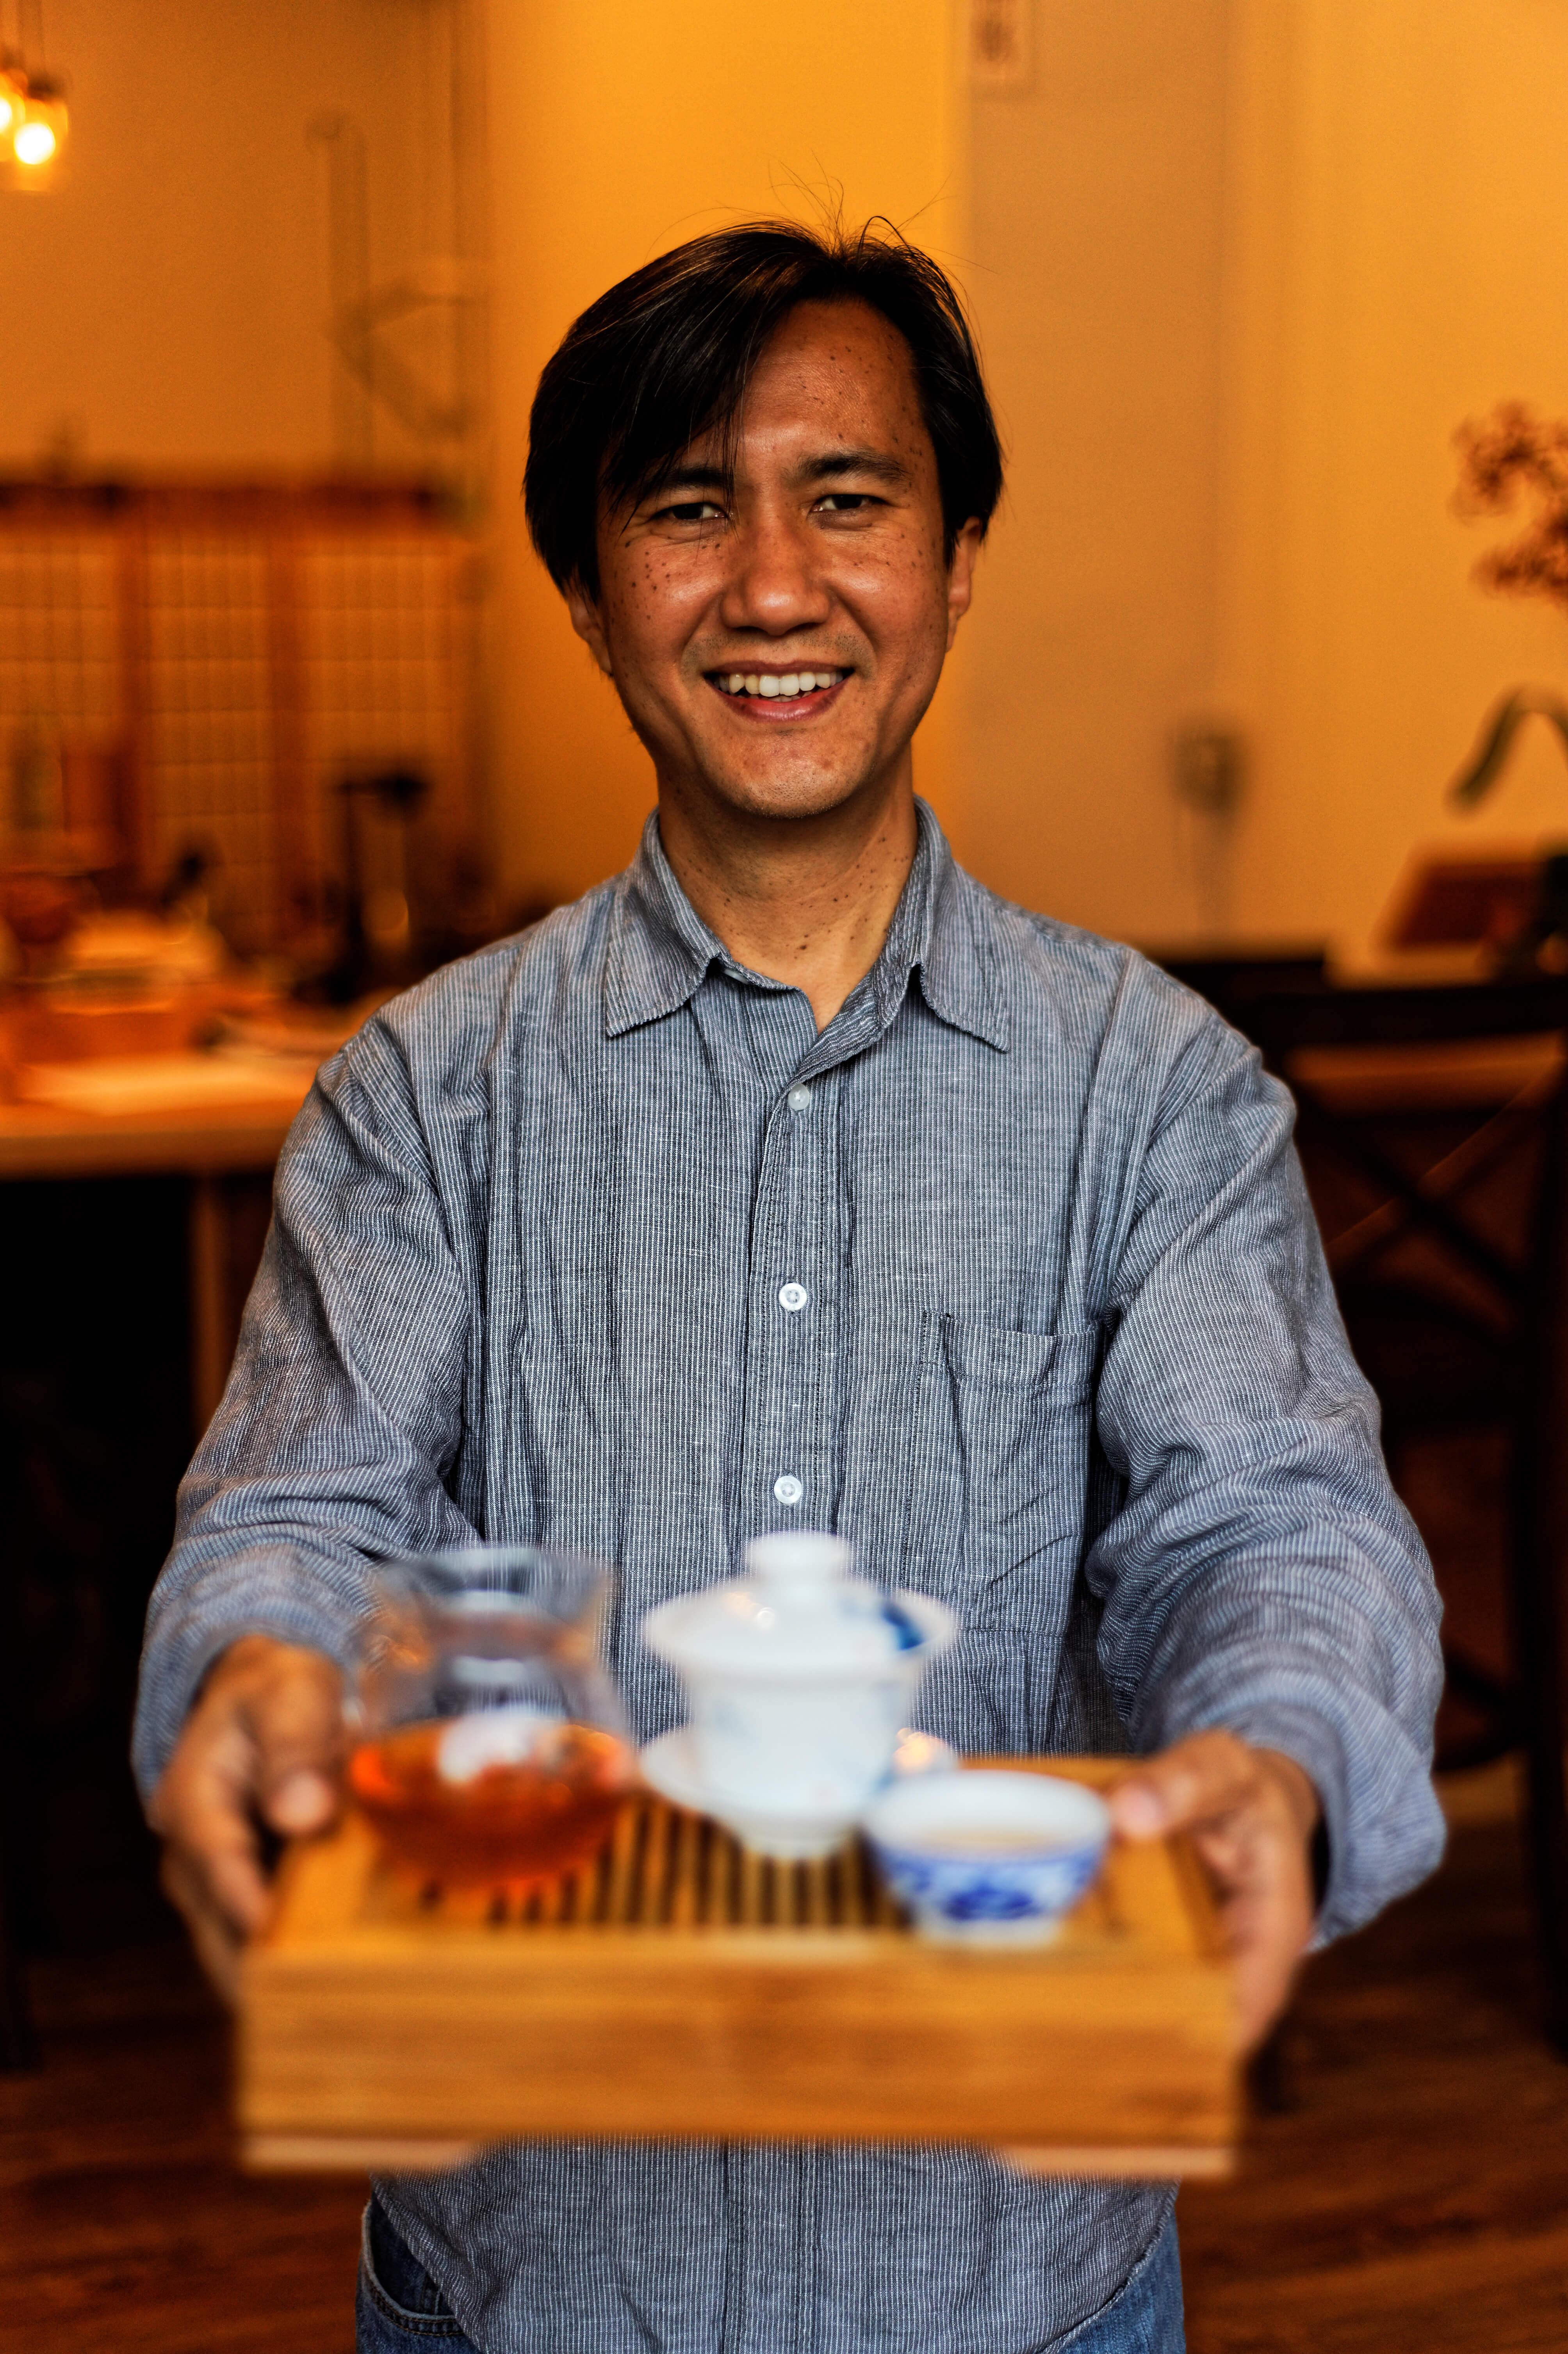 Tea guru Niraj Lama teaches Rochester to take time for tea